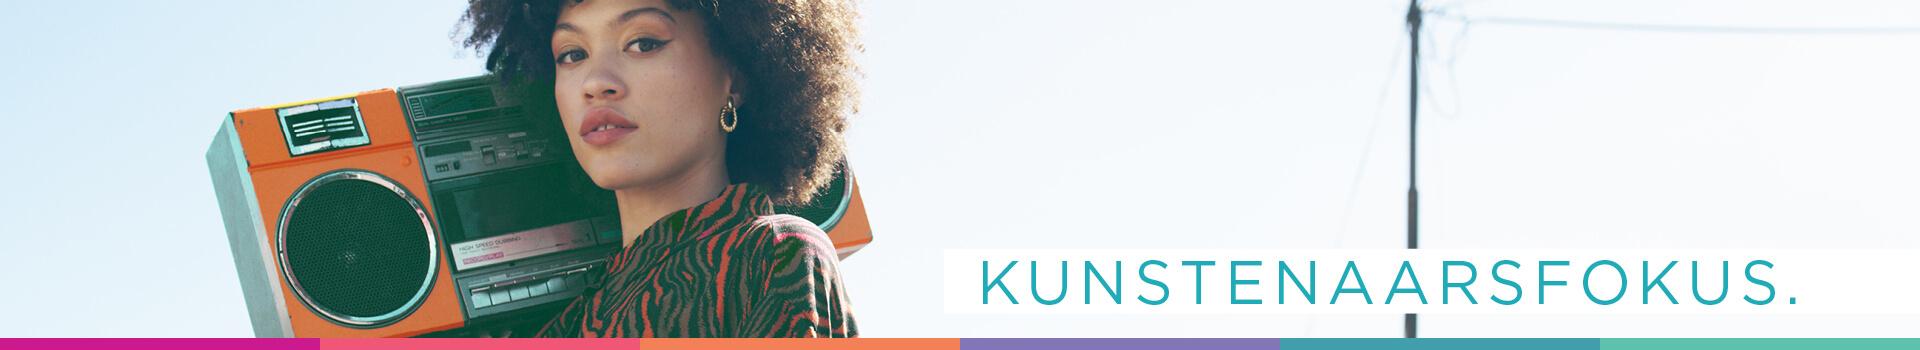 Afrikaans.com Kunstenaarsfokus